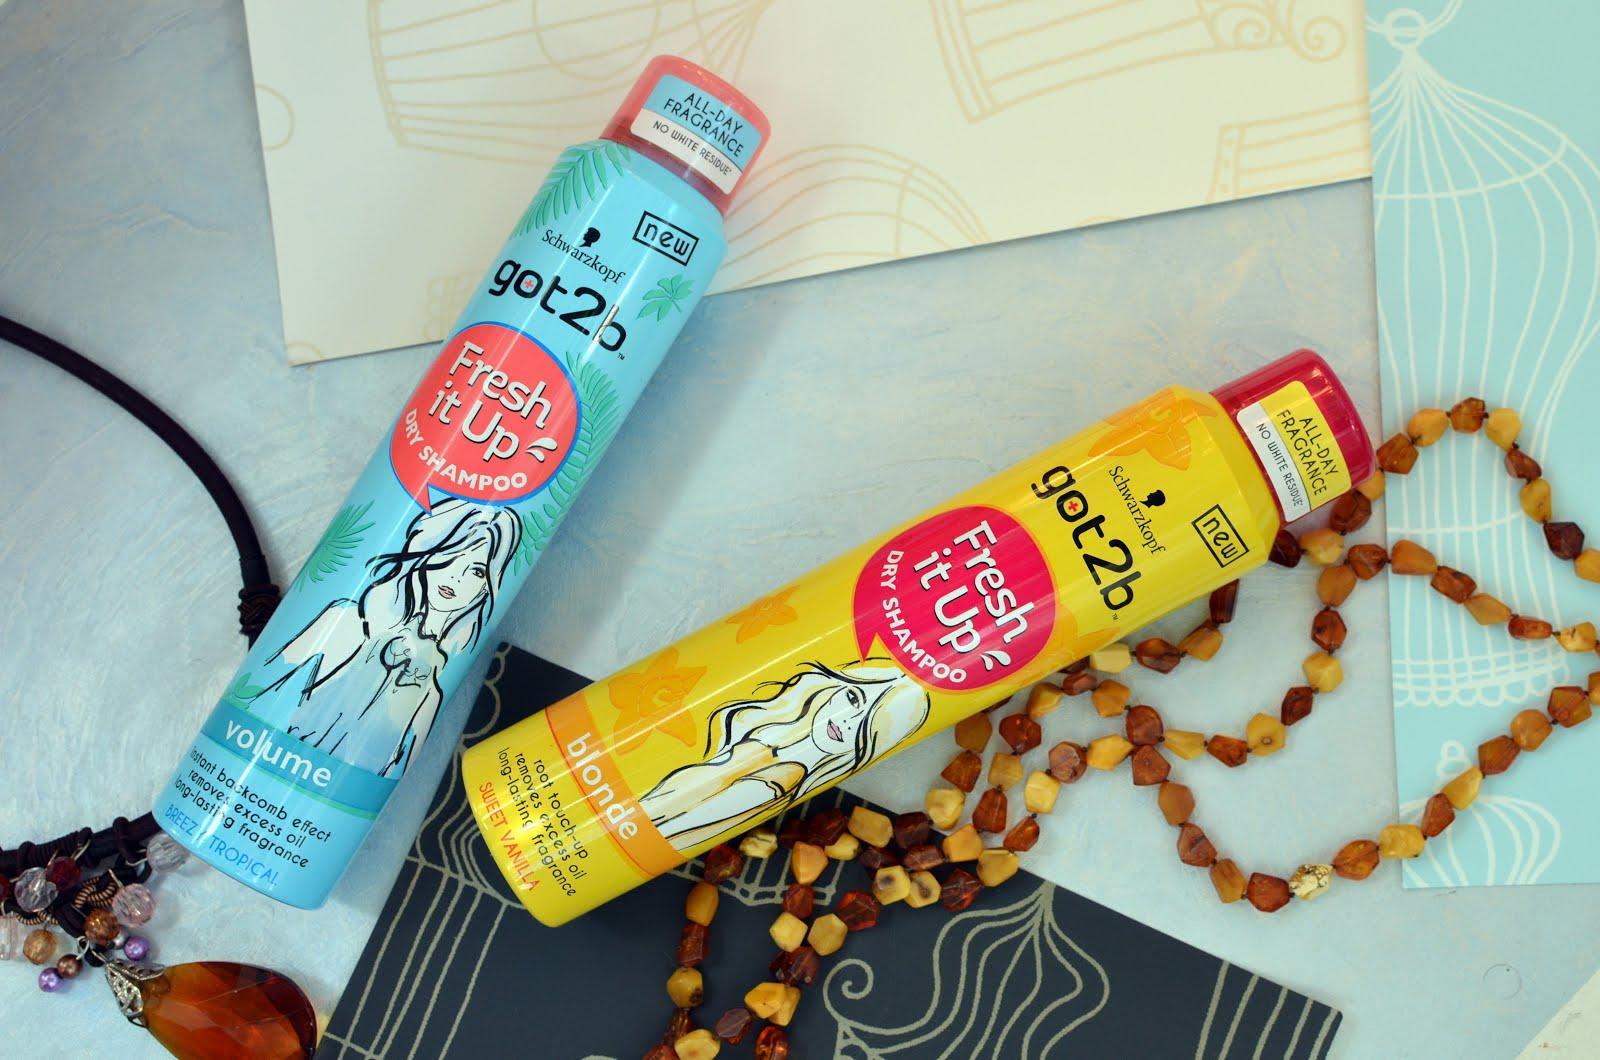 """Got2b Fresh it Up! Dry Shampoo Volume & Dry Shampoo Blonde\Сухой шампунь """"Объем. Тропический бриз"""" и Сухой шампунь """"Сладкая ваниль"""" для блондинок"""